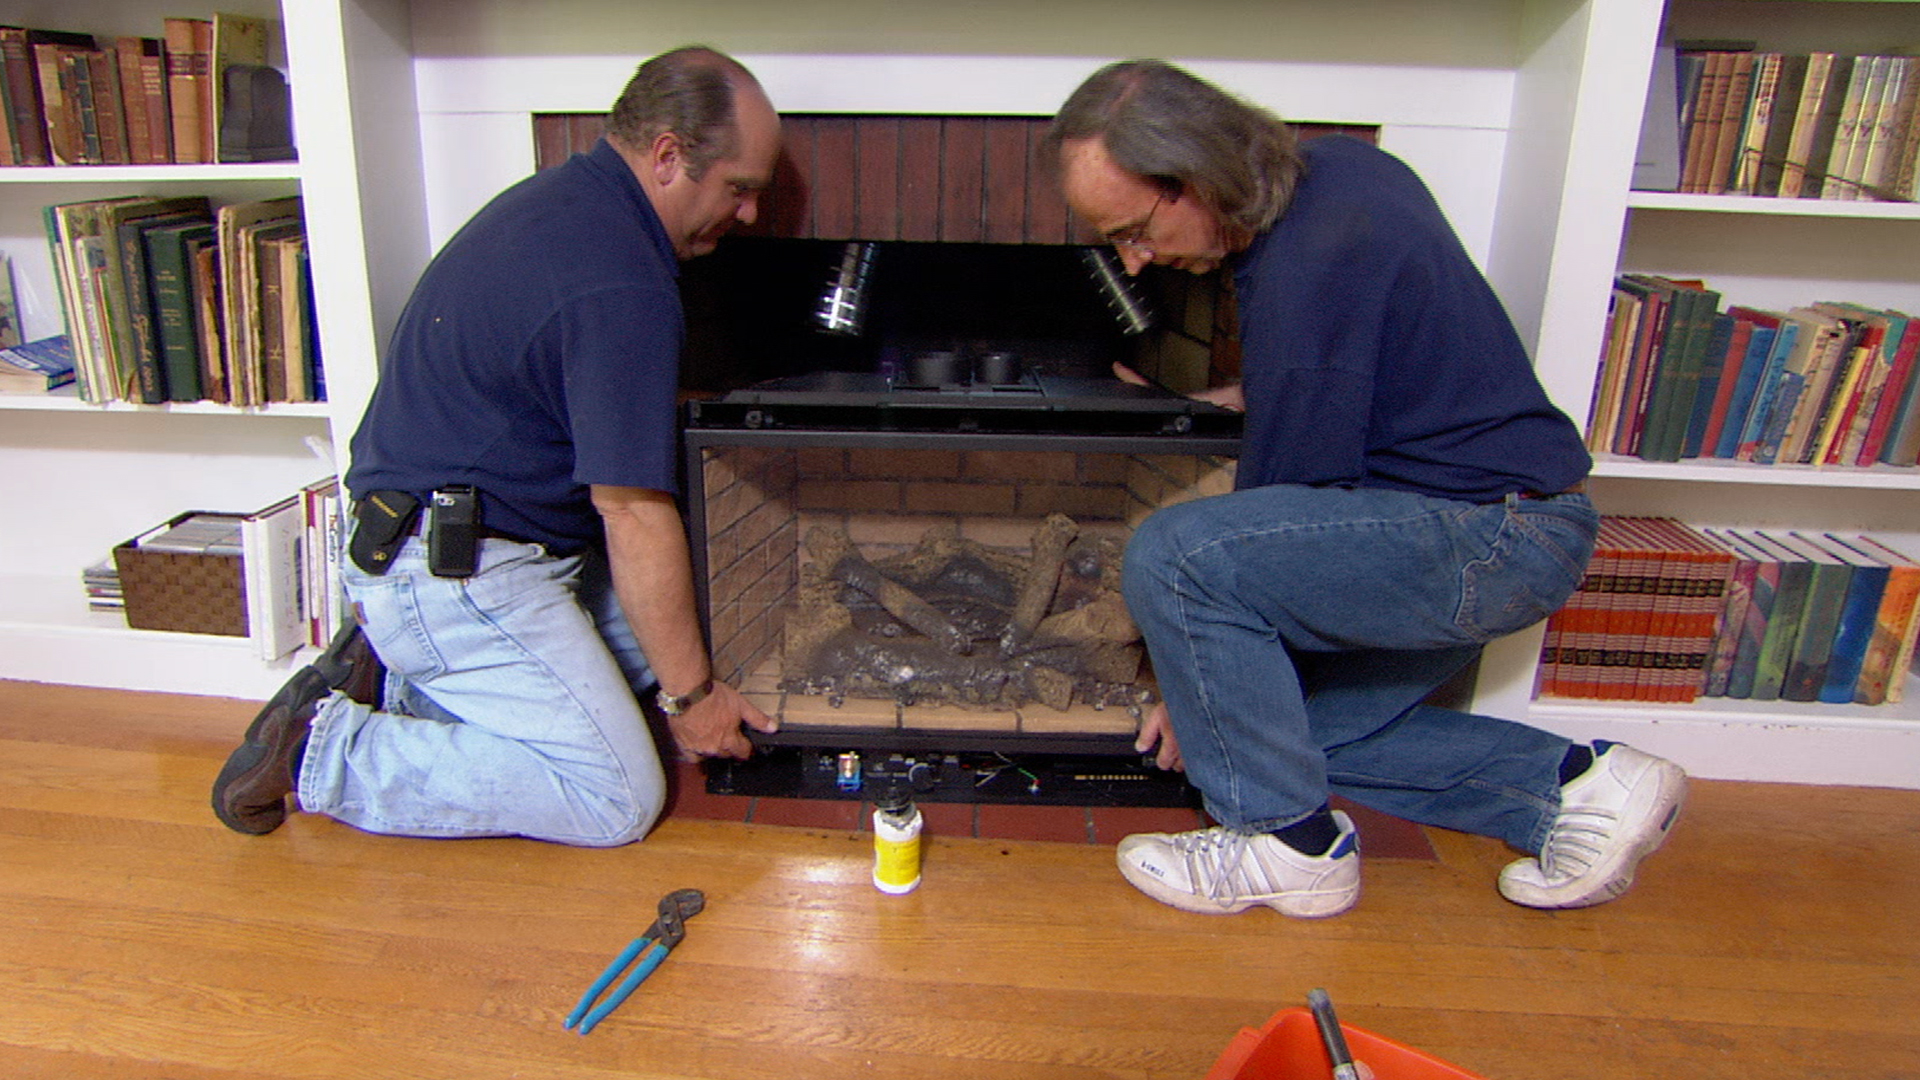 Richard Trethewey, gas fireplace insert, S8 E2